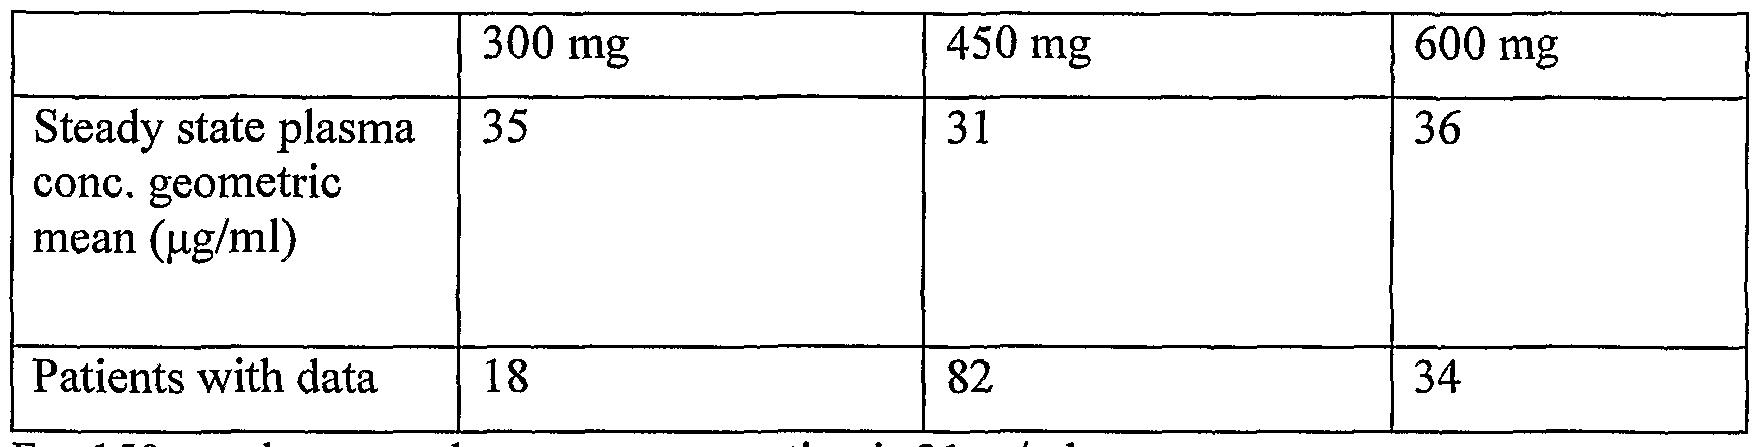 Casodex High Dose